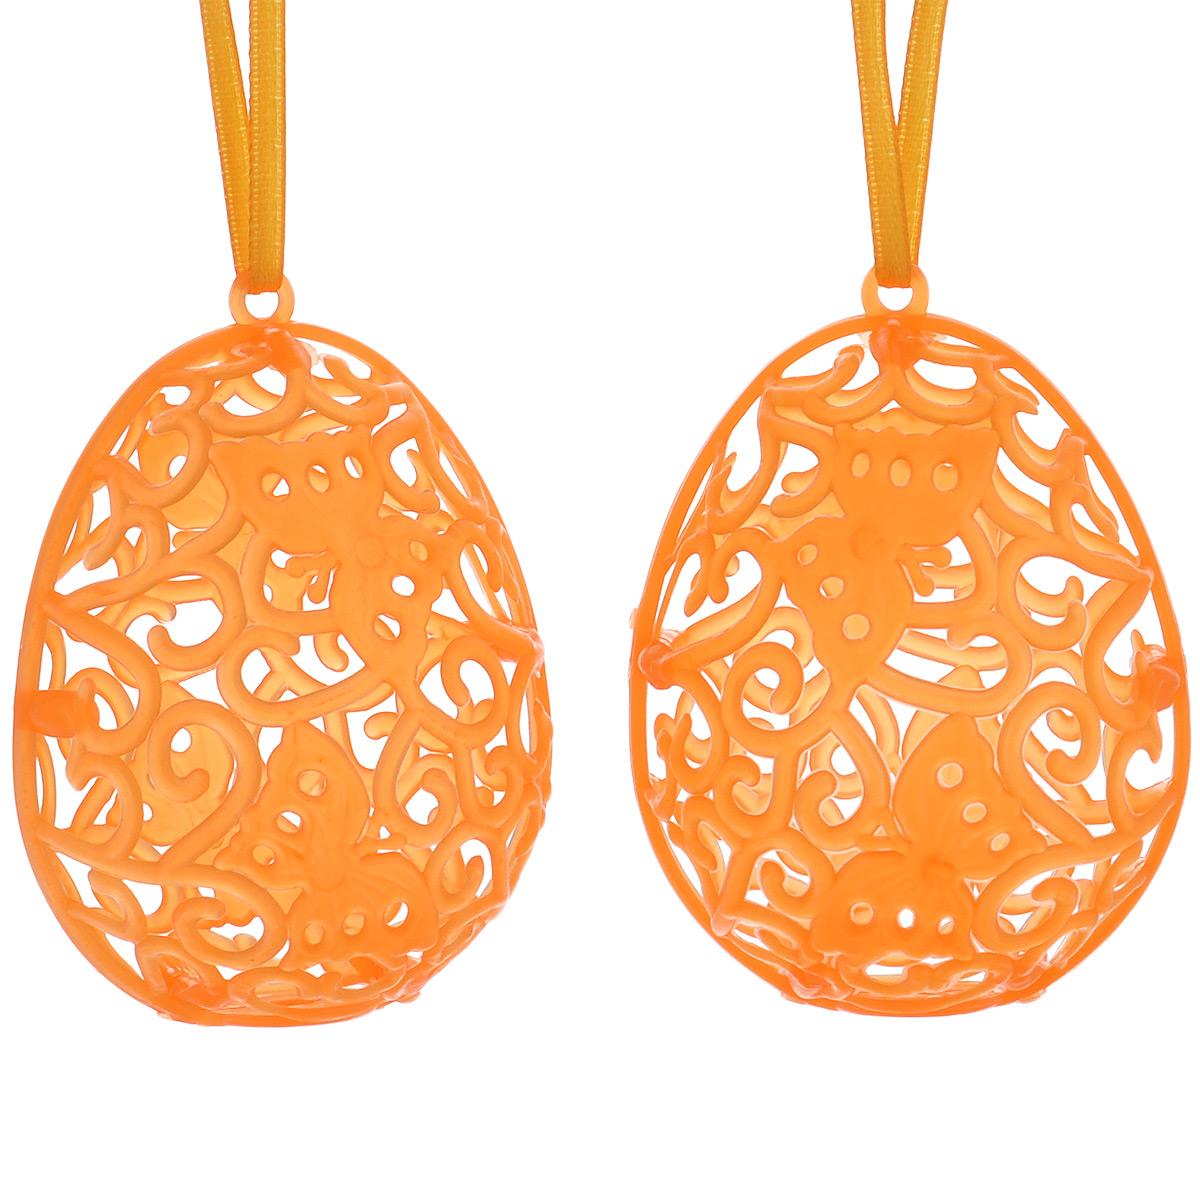 Декоративное подвесное украшение Home Queen Футляр для яйца, цвет: оранжевый, 2 штMB980Набор подвесных украшений Home Queen Футляр для яйца состоит из 2 яиц, изготовленных из пластика и оснащенных петелькой для подвешивания. Резные изделия служат оригинальным футляром для пасхальных яиц.Такие украшения сделают праздник еще наряднее! Размер украшения: 7 см х 5 см.